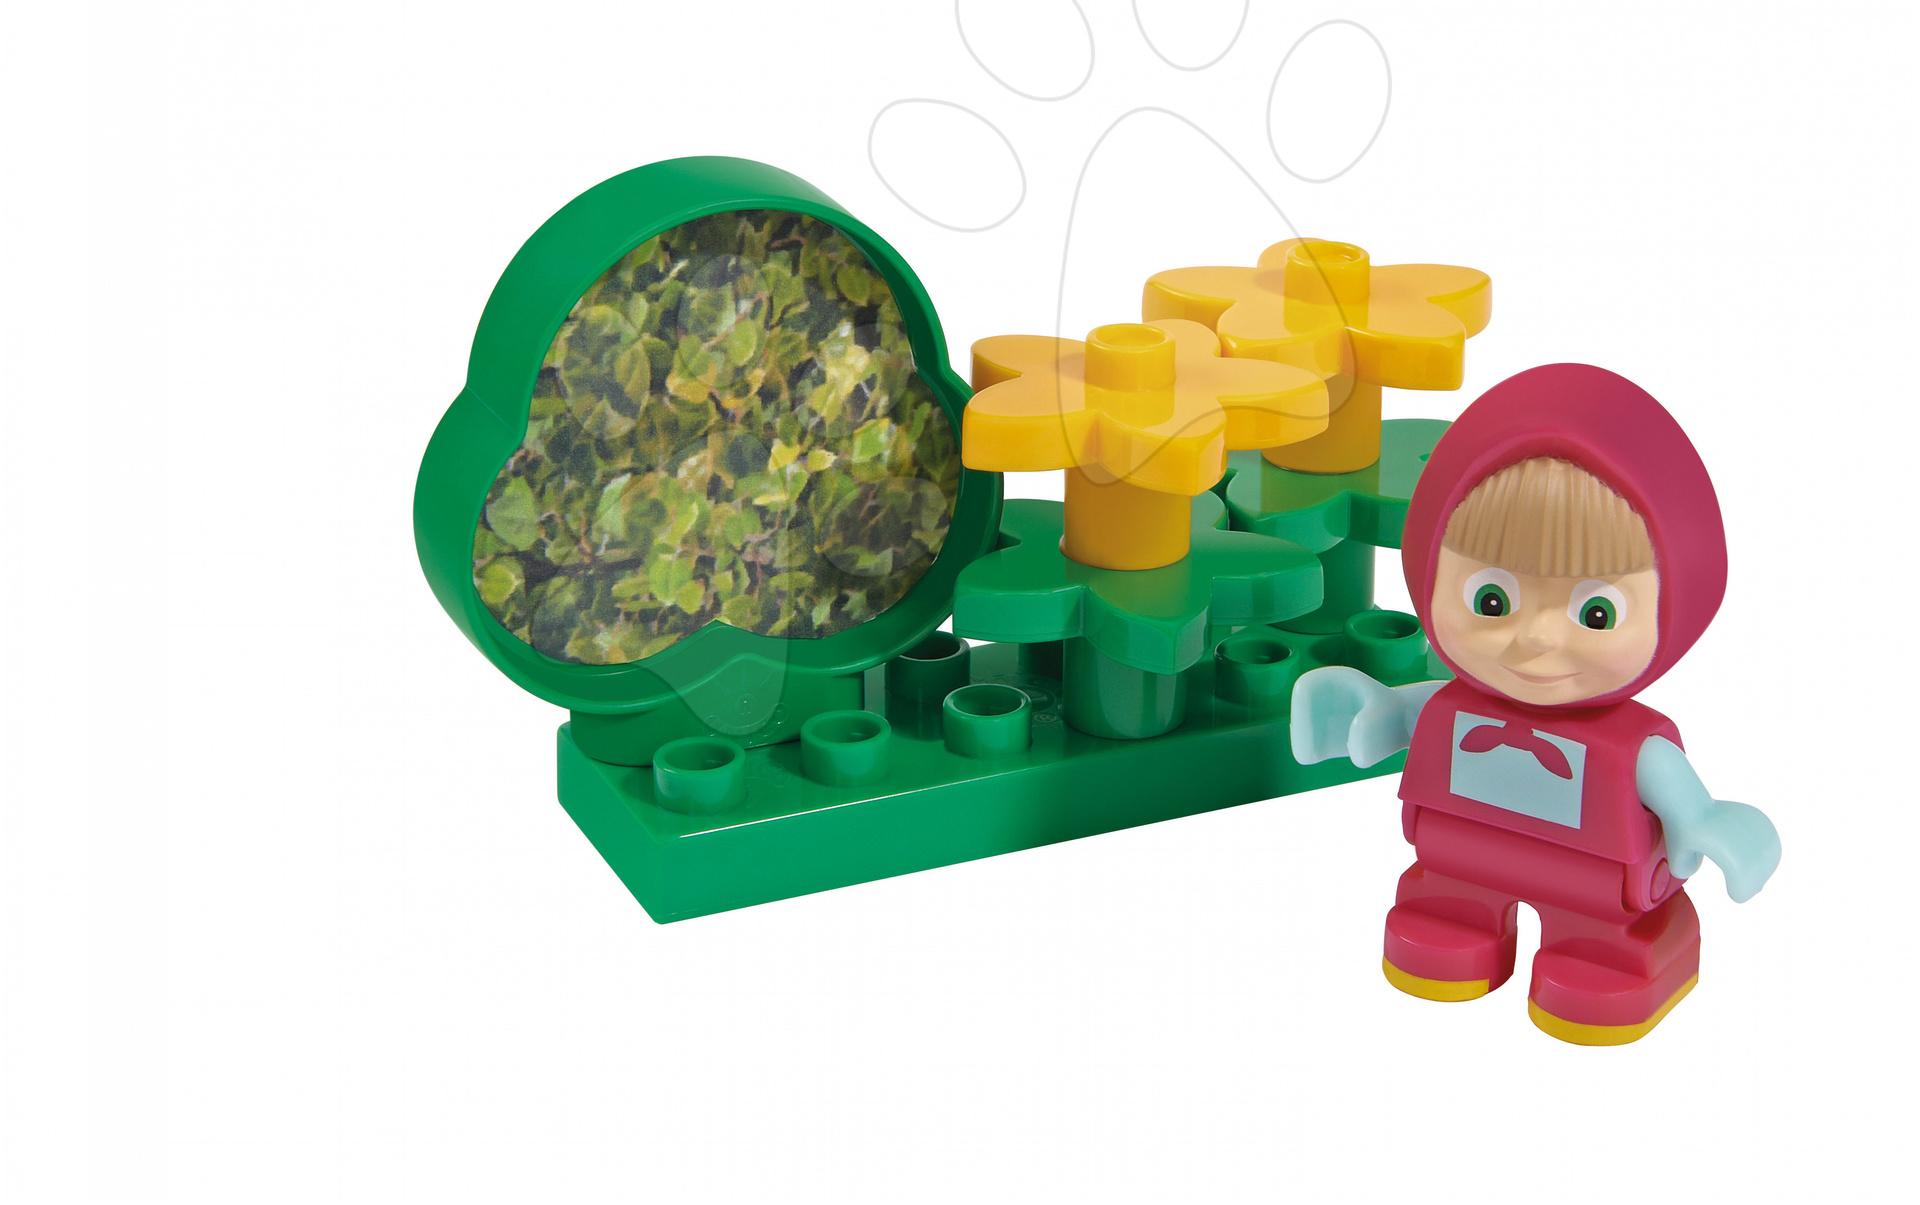 Stavebnice BIG-Bloxx ako lego - Stavebnica Máša v záhrade PlayBIG Bloxx BIG 7-11 dielov od 1,5-5 rokov